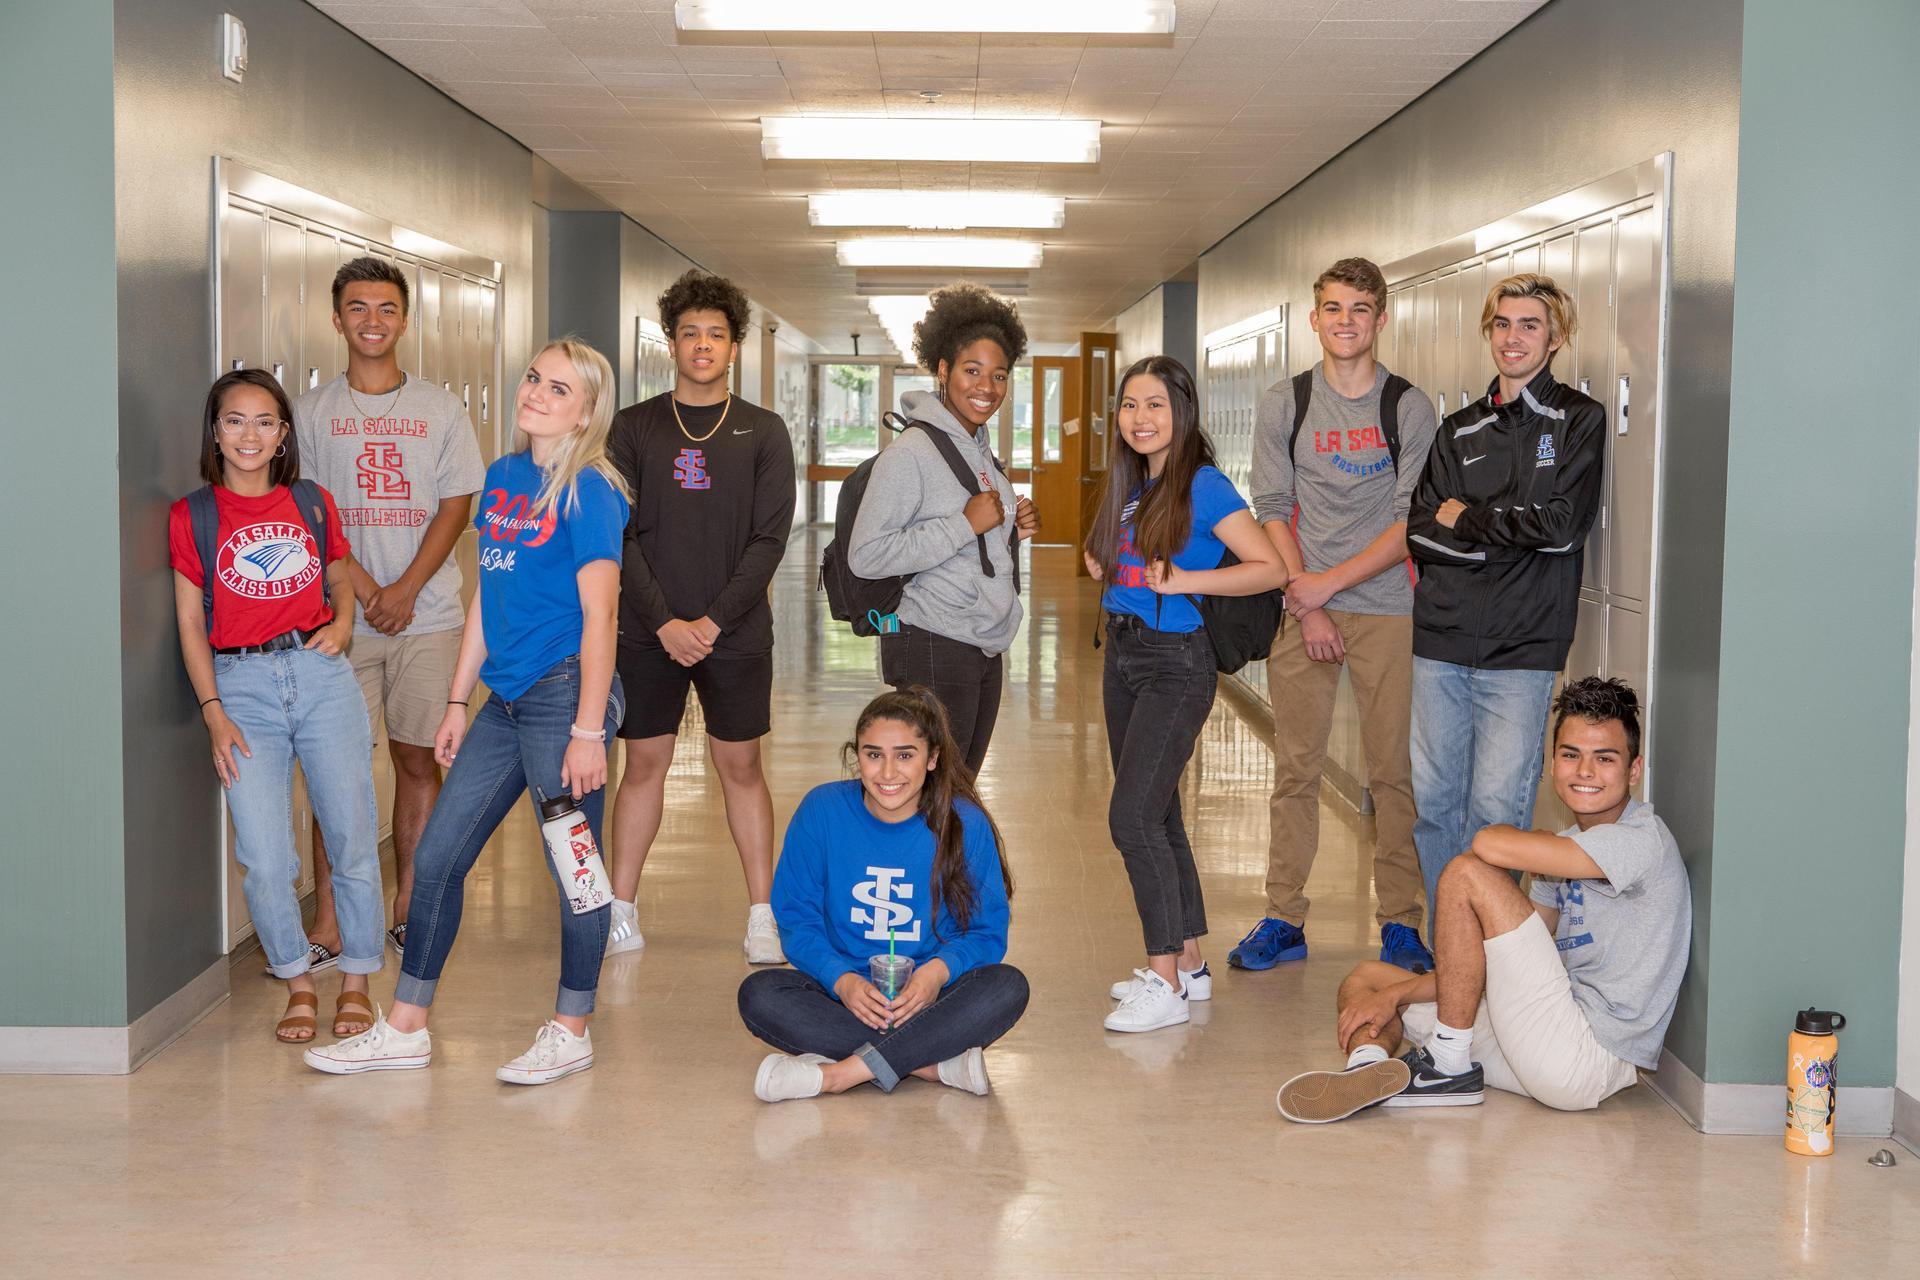 high school students standing in hallway of school